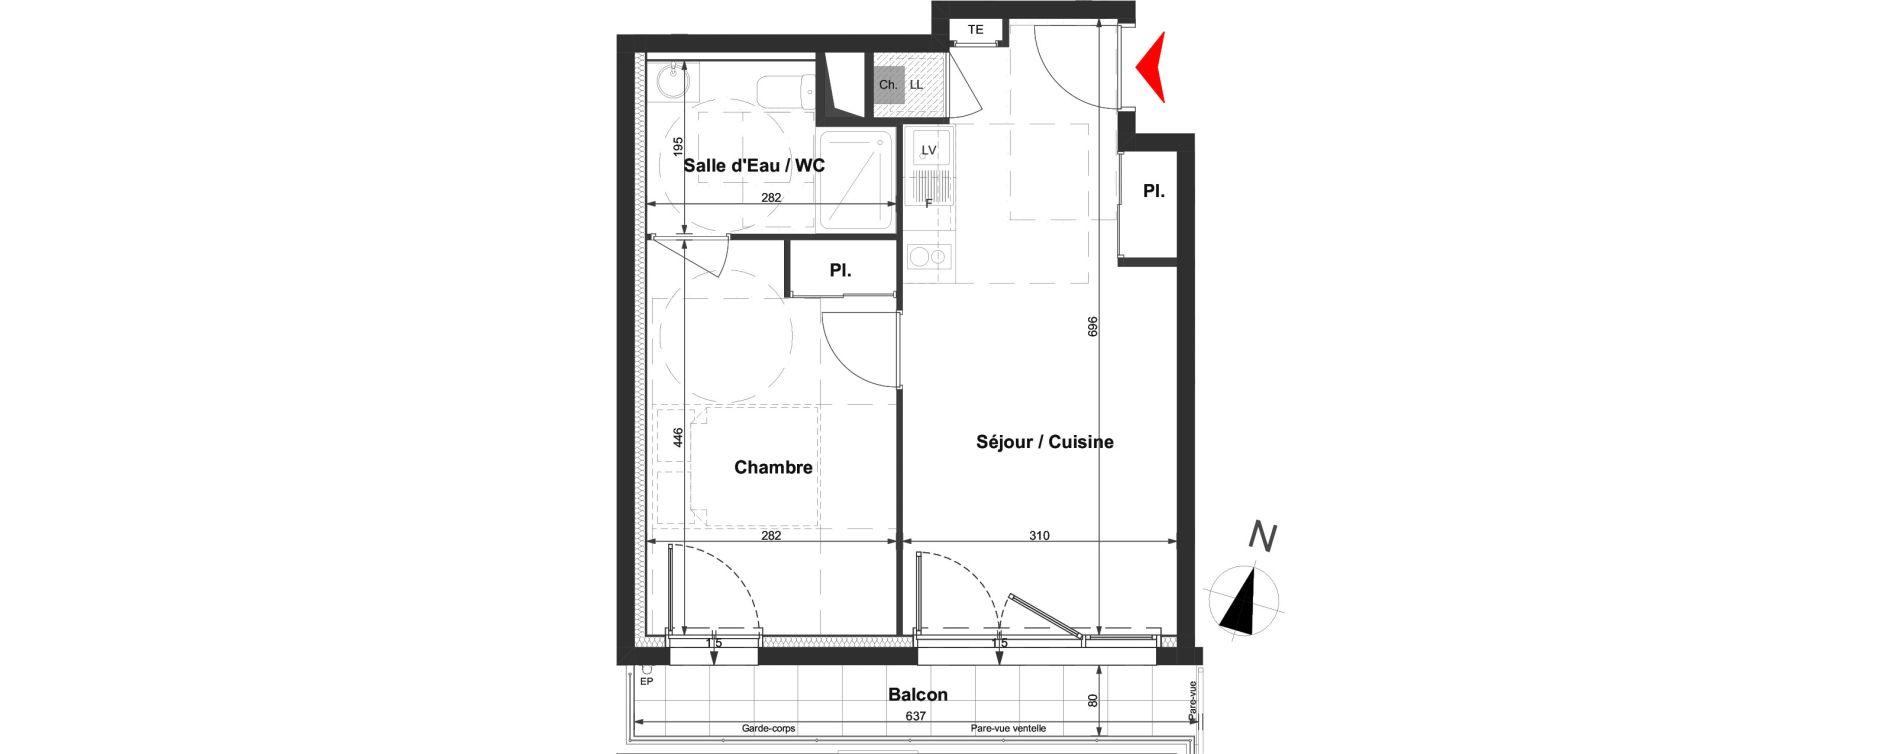 Appartement T2 de 37,66 m2 à La Roche-Sur-Yon La vigne aux roses